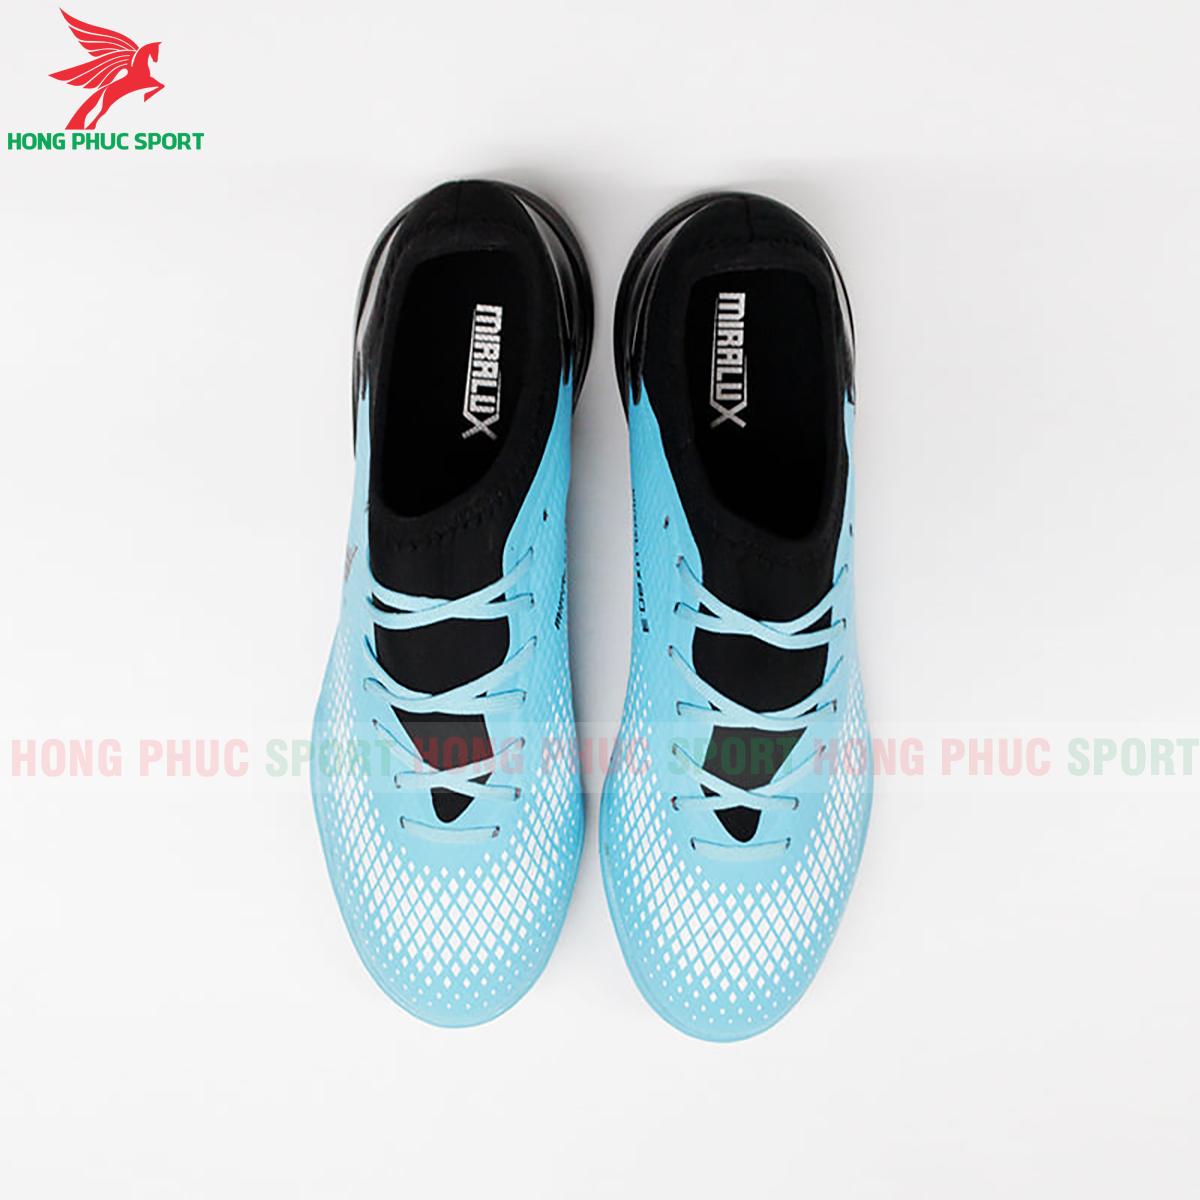 https://cdn.hongphucsport.com/unsafe/s4.shopbay.vn/files/285/giay-da-bong-mira-lux-20-3-mau-xanh-ngoc-phoi-den-2-5f73ffe332cff.png